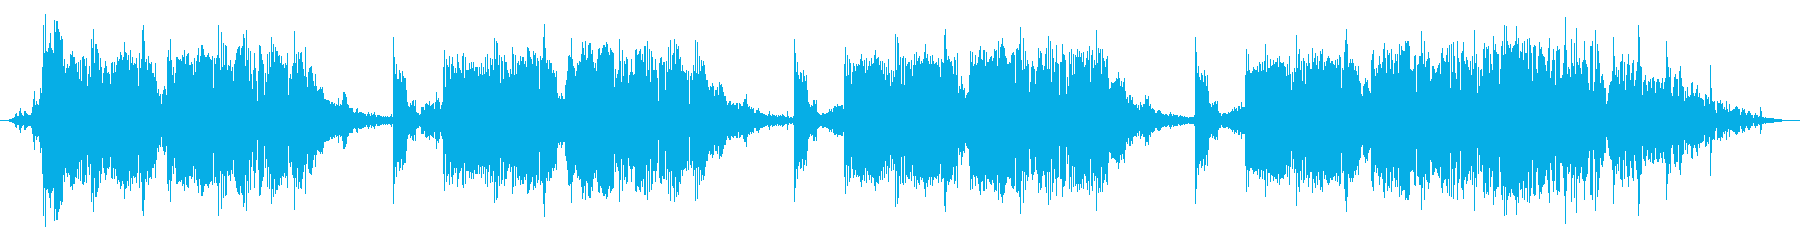 アラームベッドの再生済みの波形